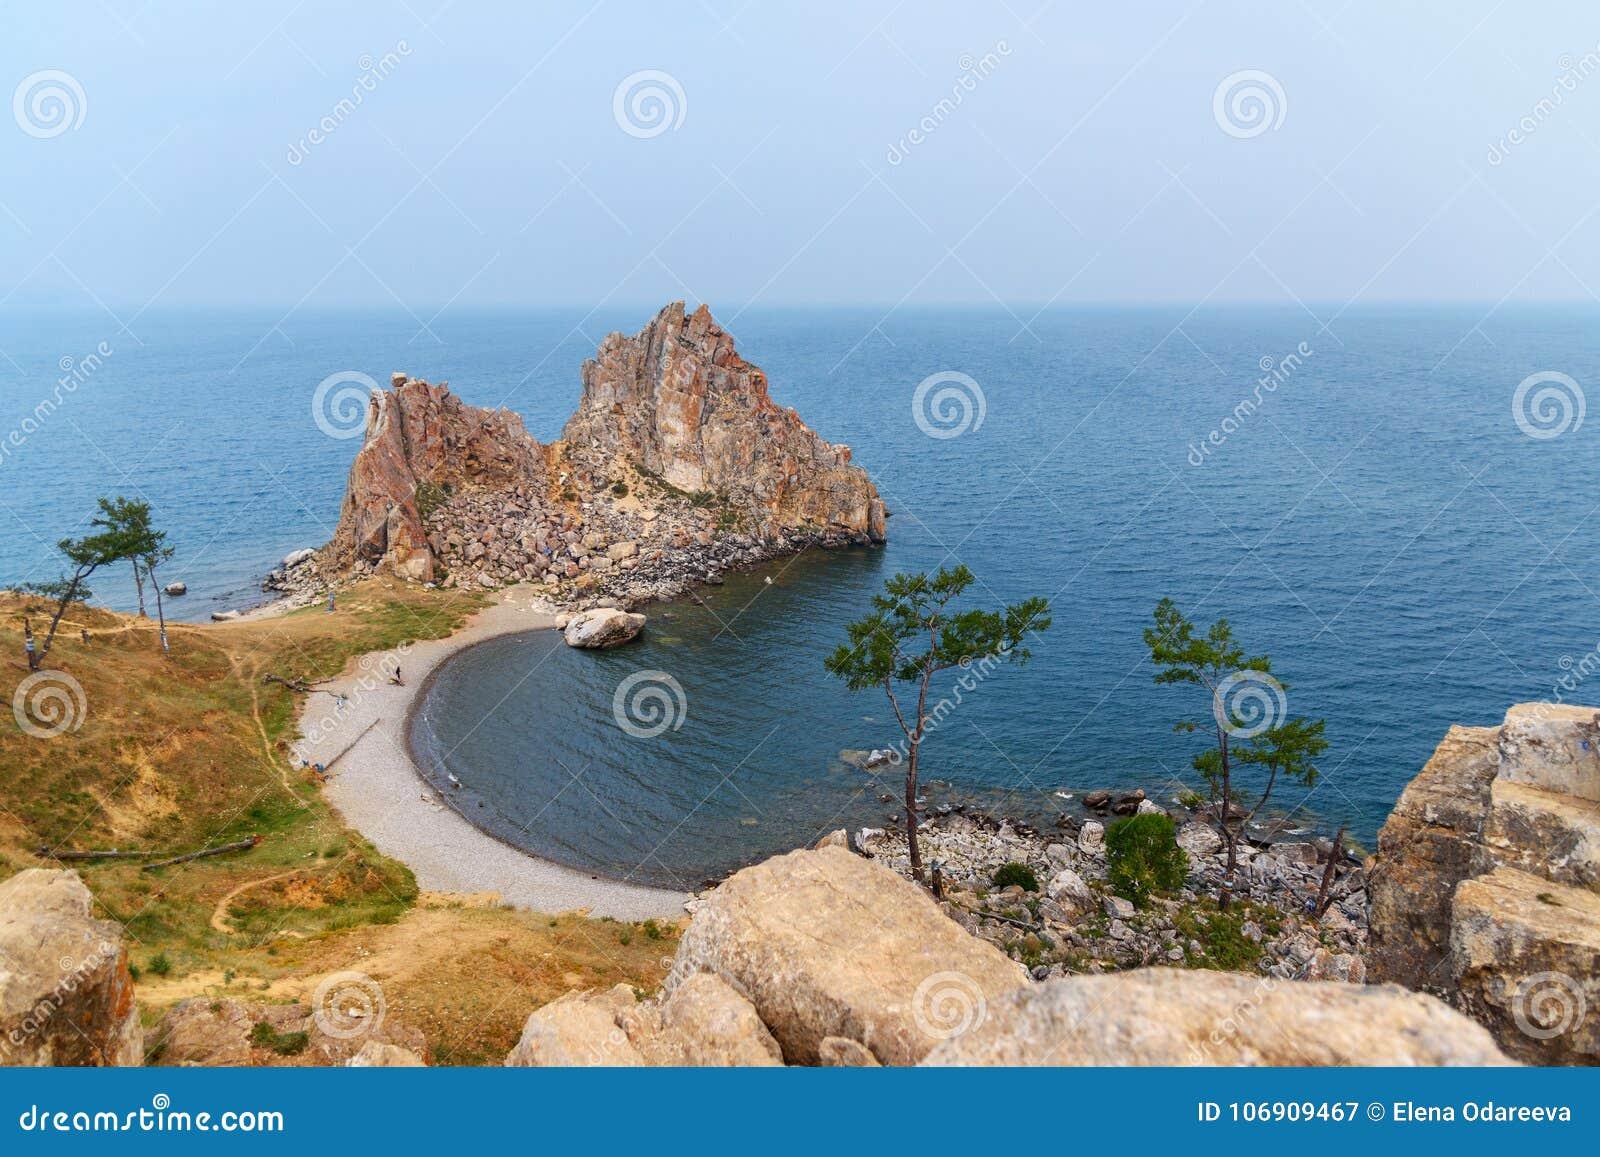 Szaman skała w wczesnym poranku baikal jeziora baikal jezioro olkhon Rosji wyspy Rosja